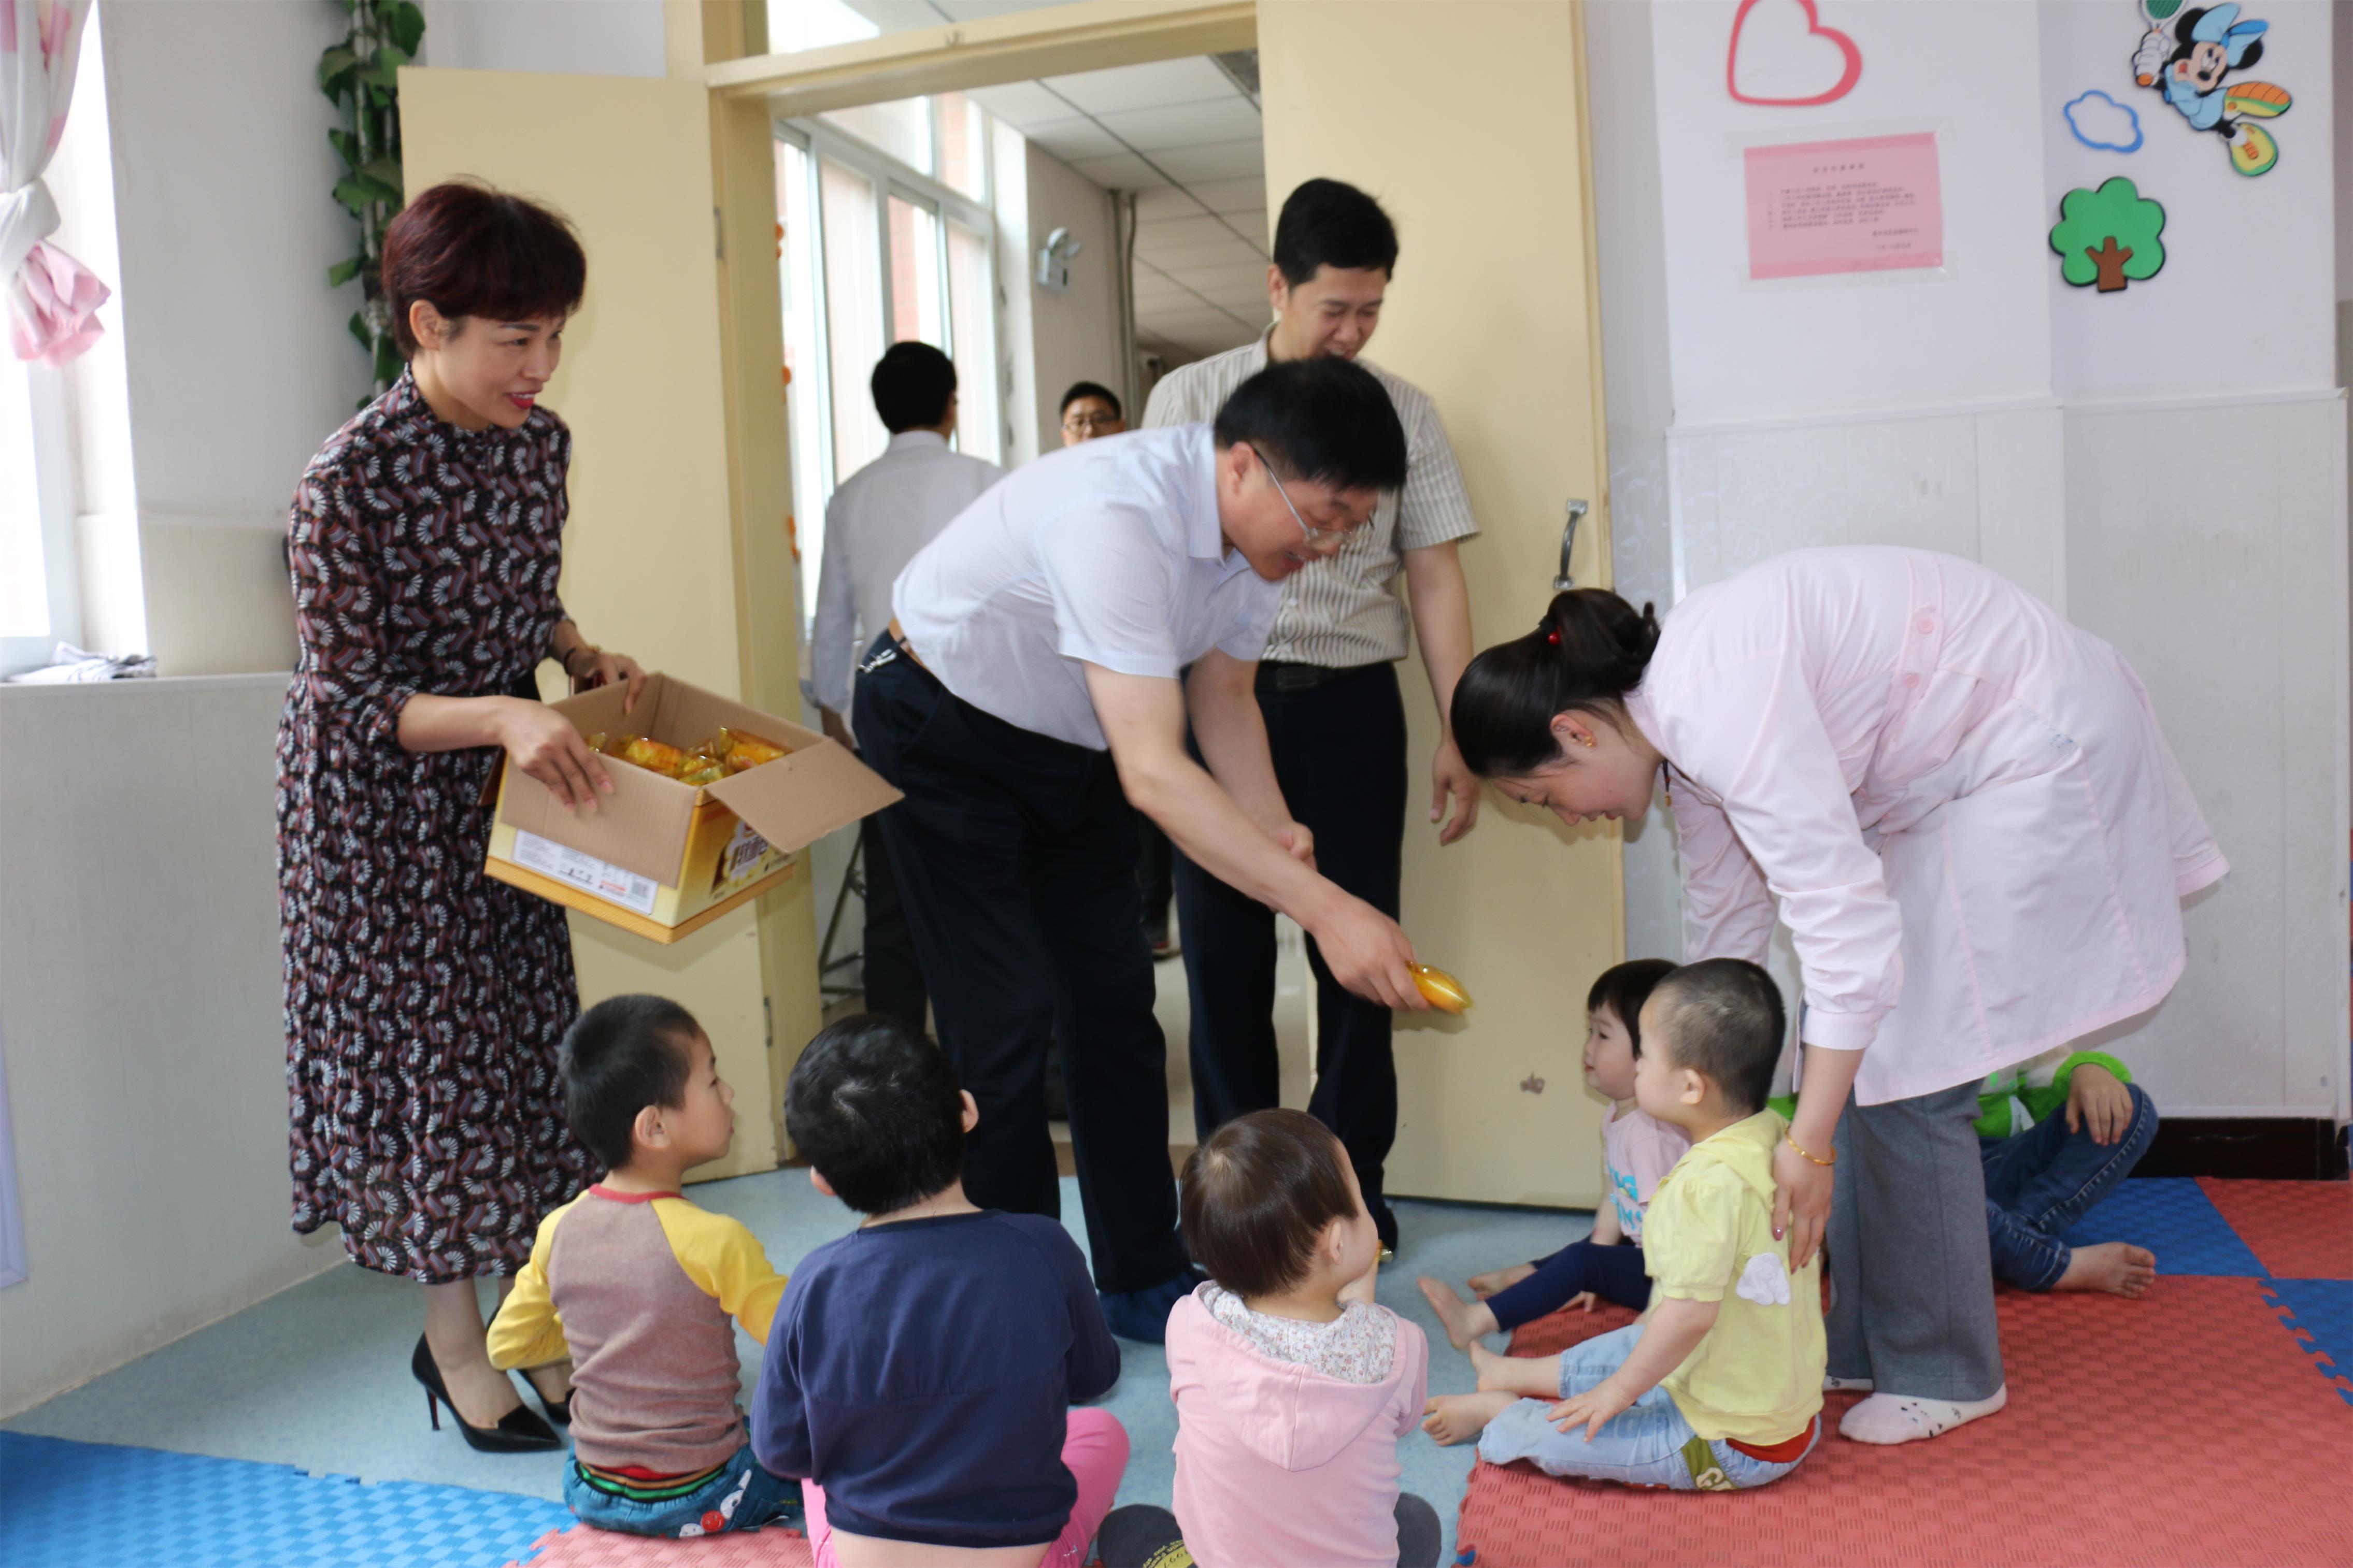 六一儿童节前夕,经开区管委会书记刘思江到市社会福利中心看望孤残儿童